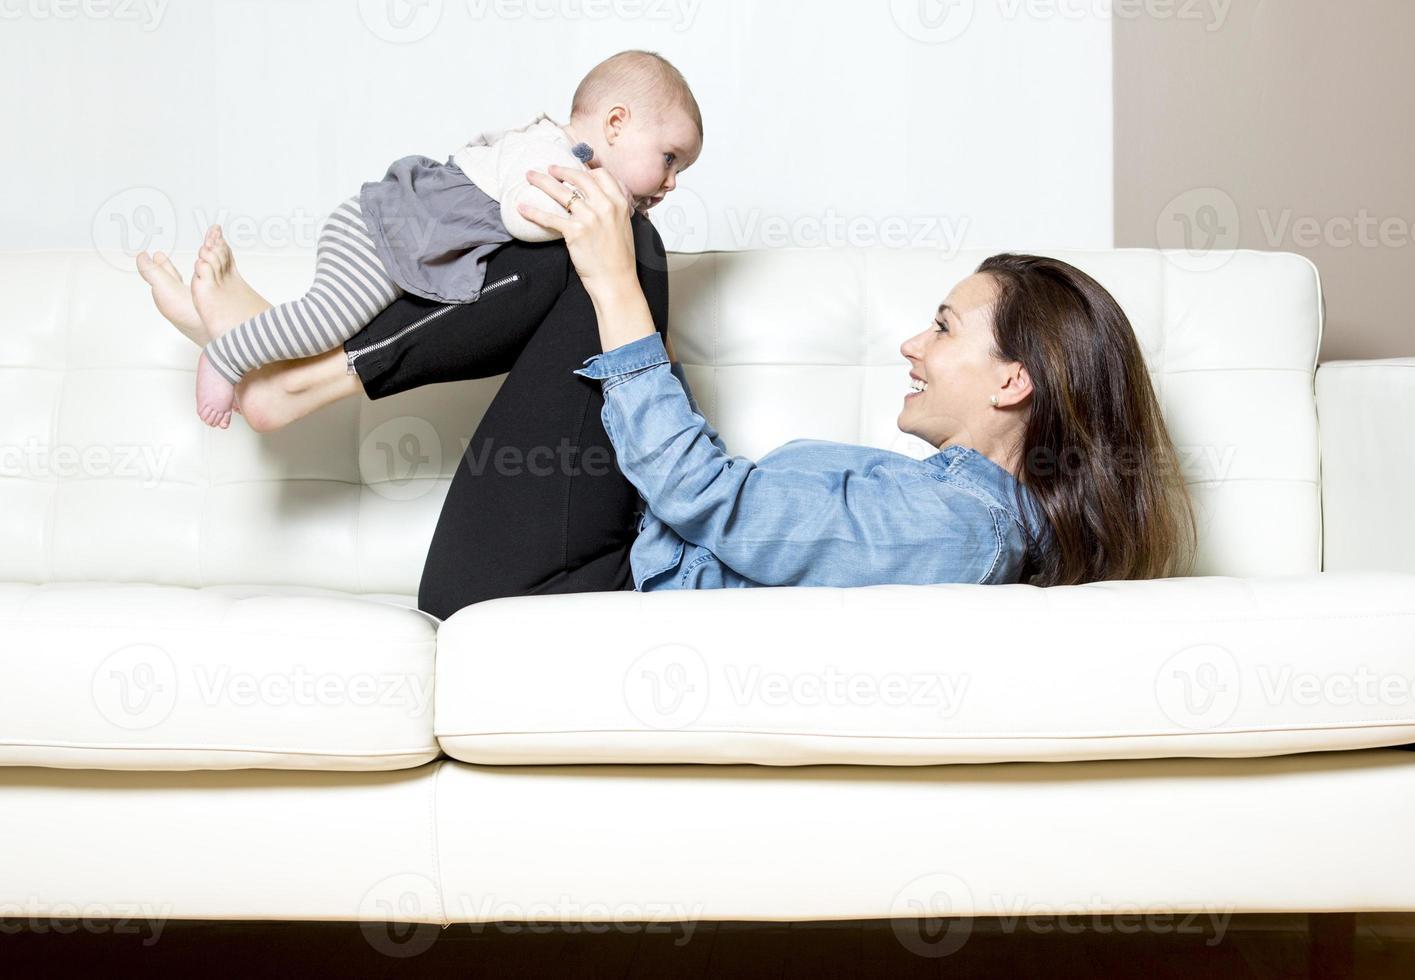 madre con bambino sul divano prendendo tempo foto